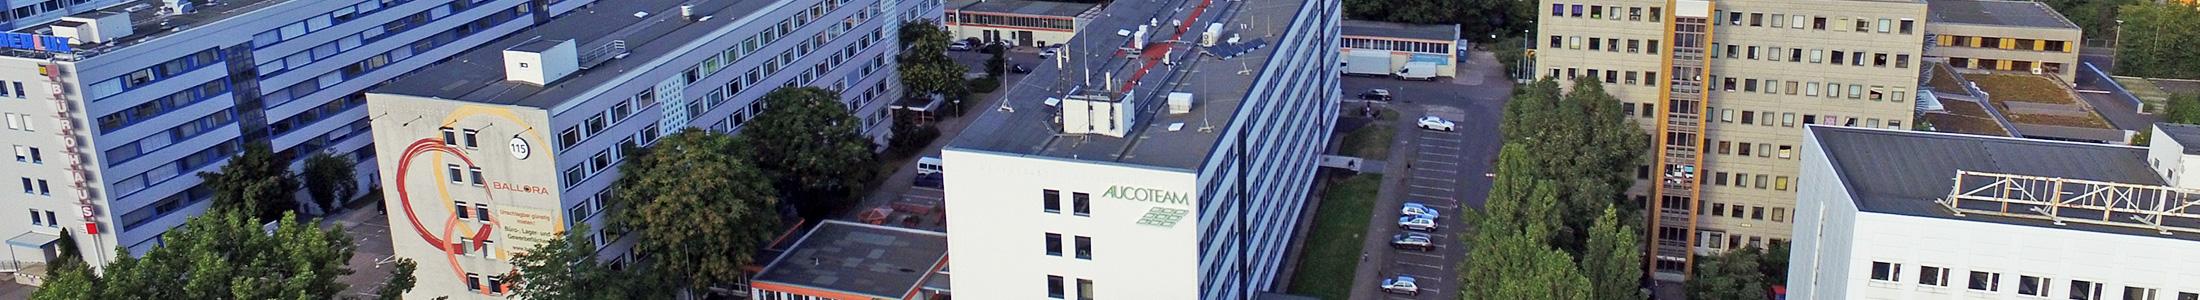 AUCOTEAM-Firmengebäude